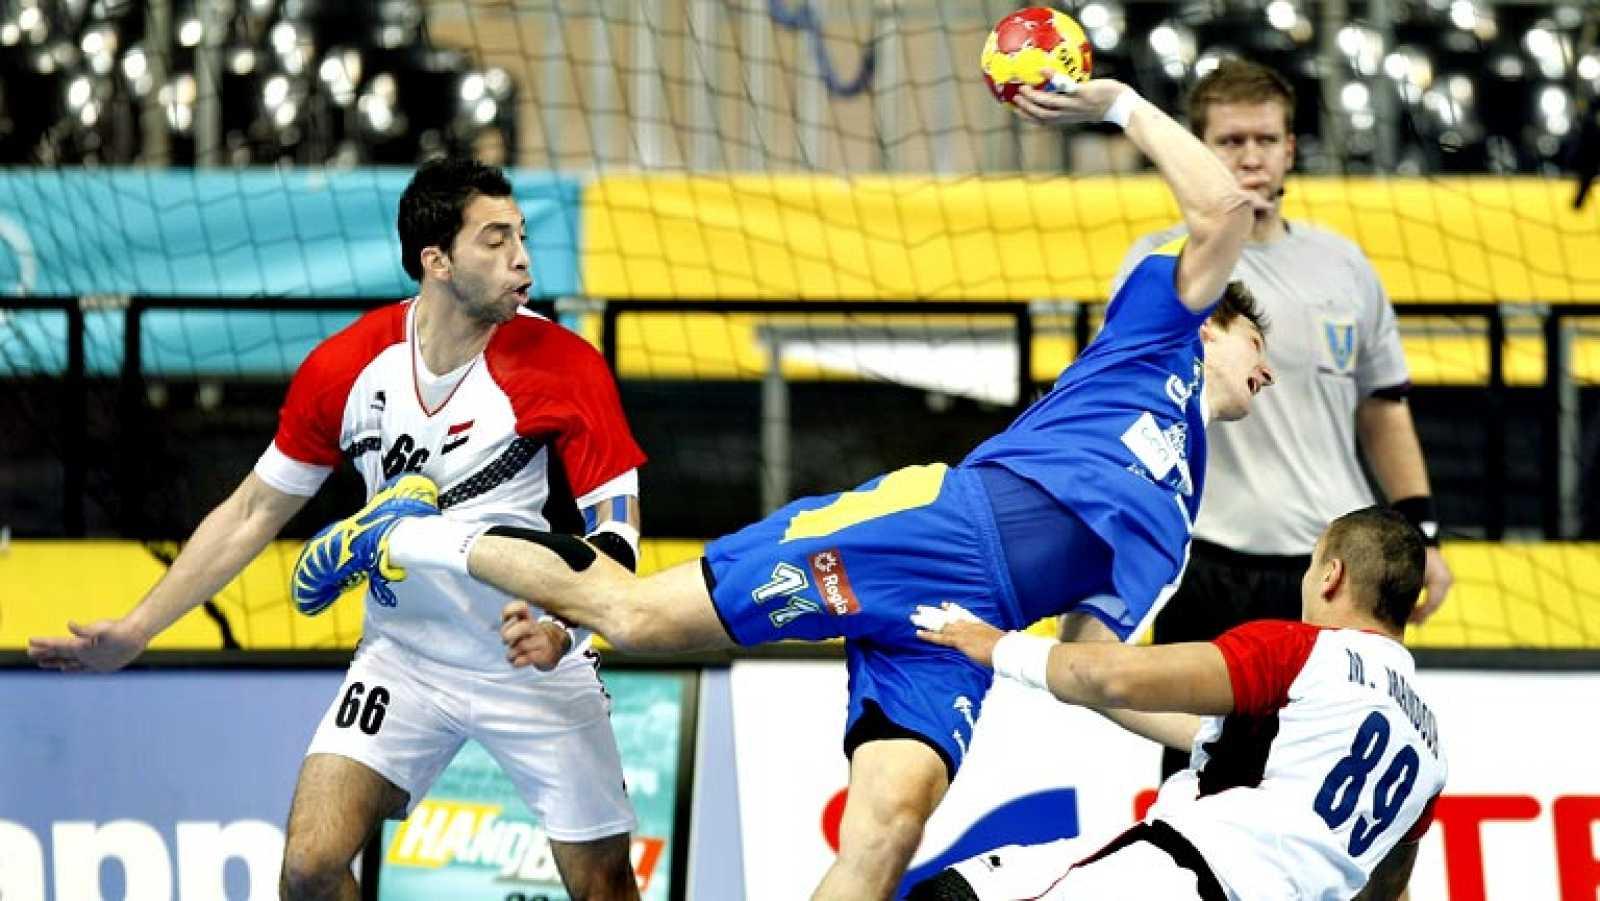 Mundial de Balonmano - 1/8 de final: Eslovenia - Egipto